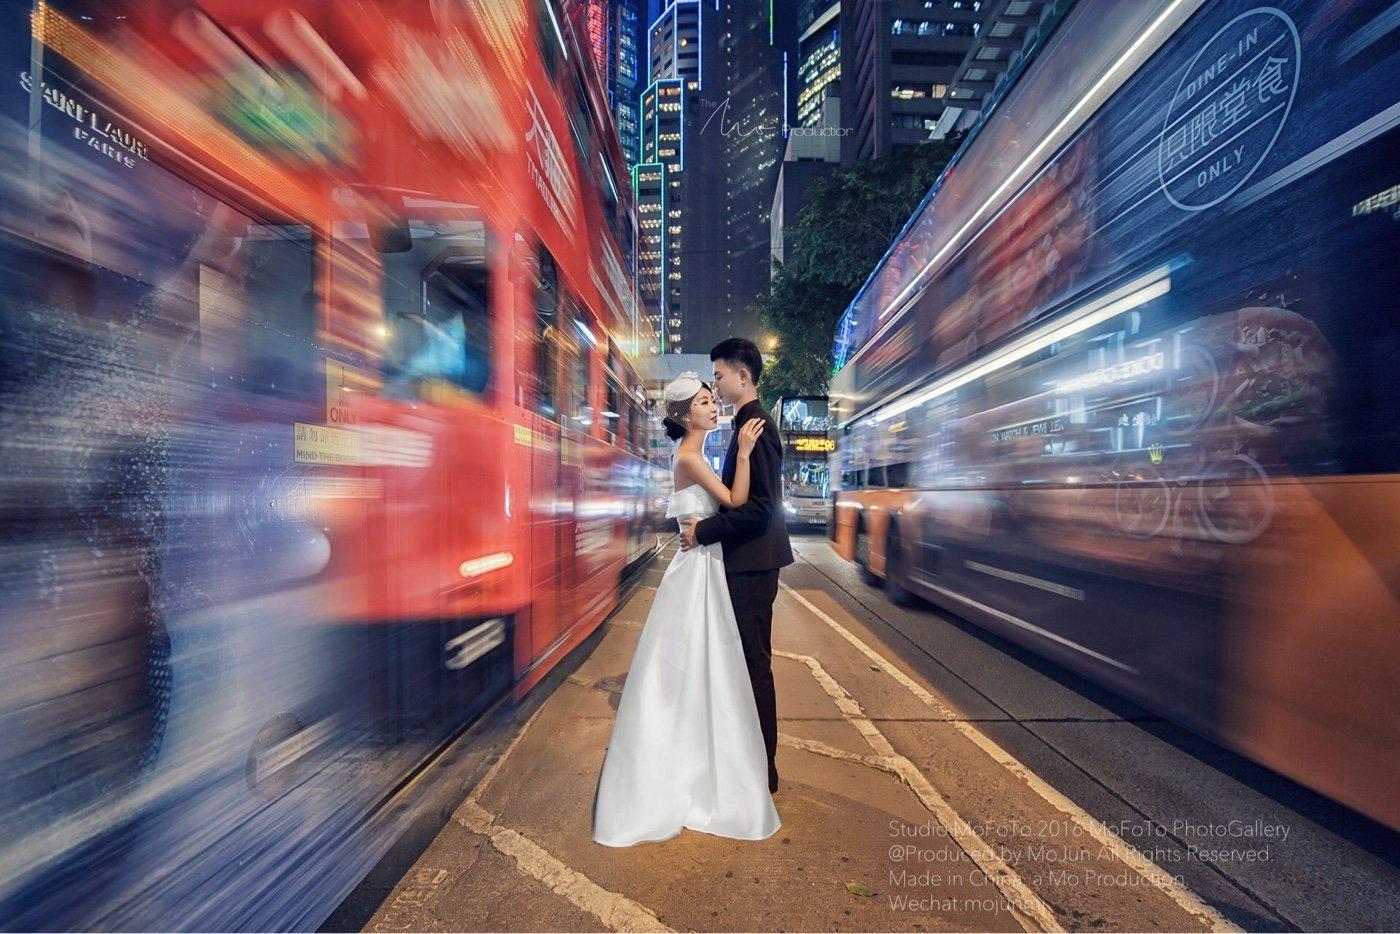 MoFoTo 香港旅拍9